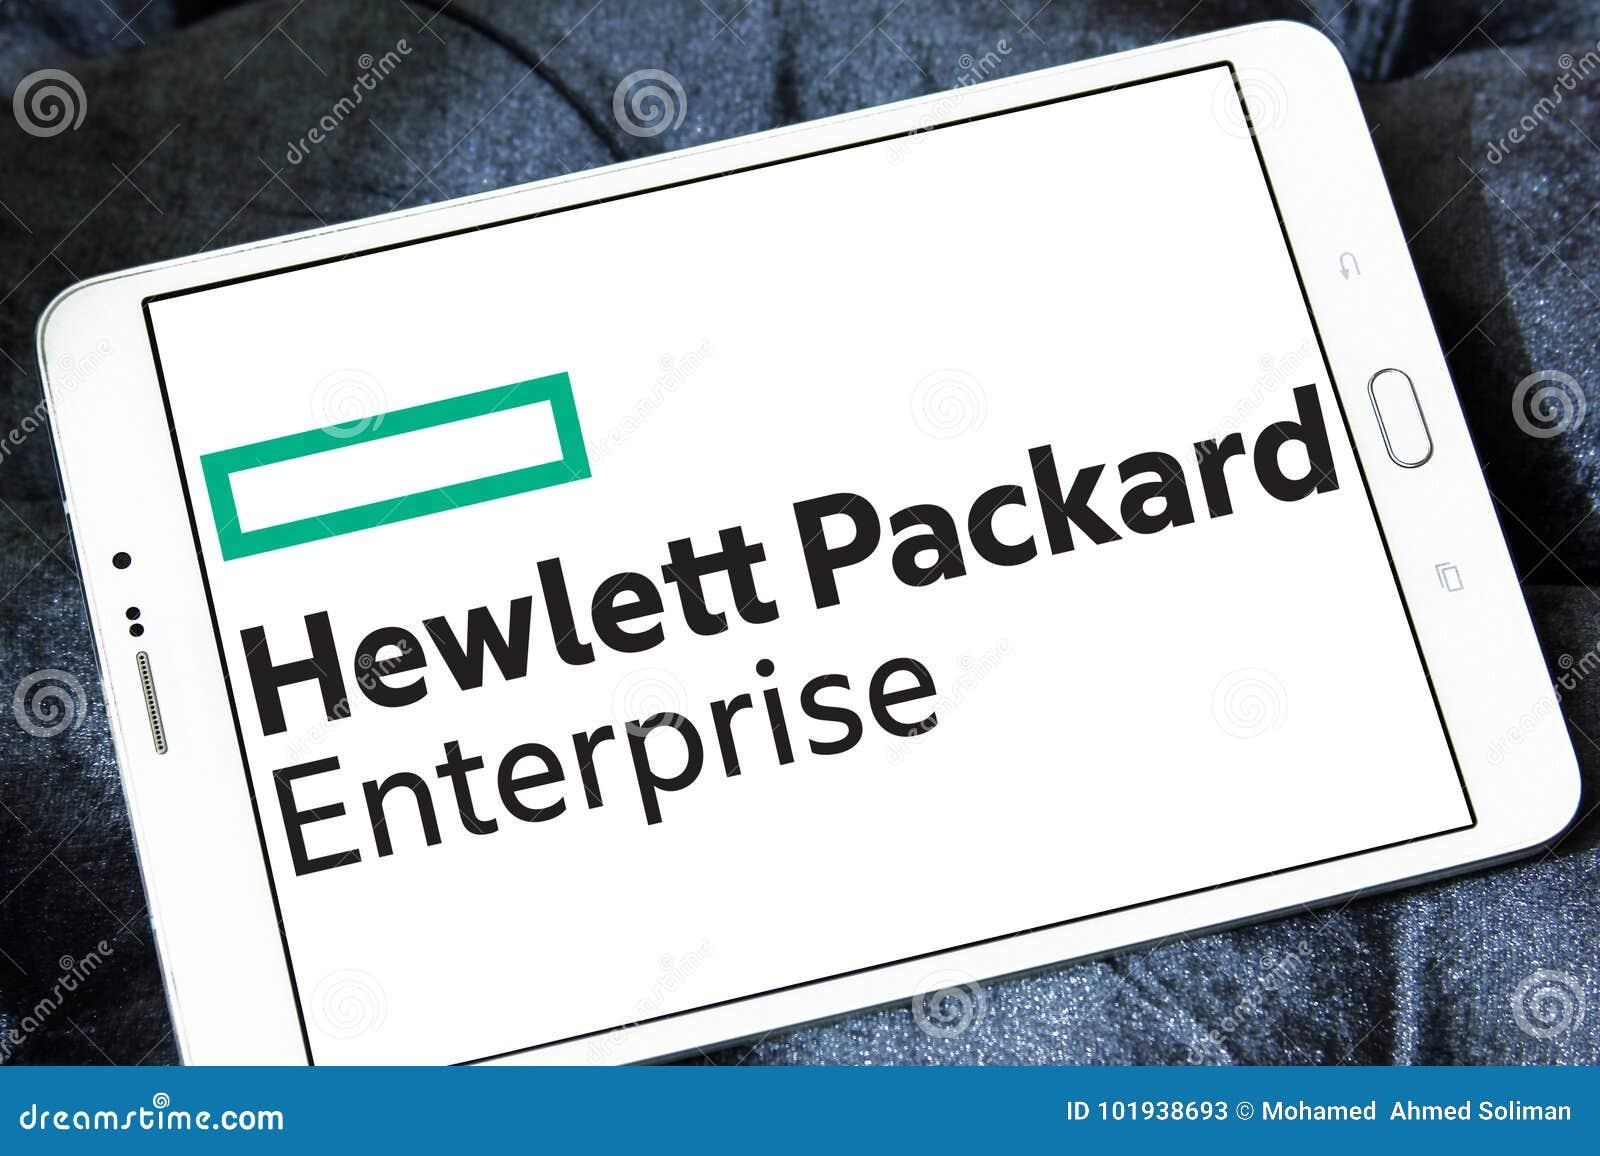 Hewlett packard stock options